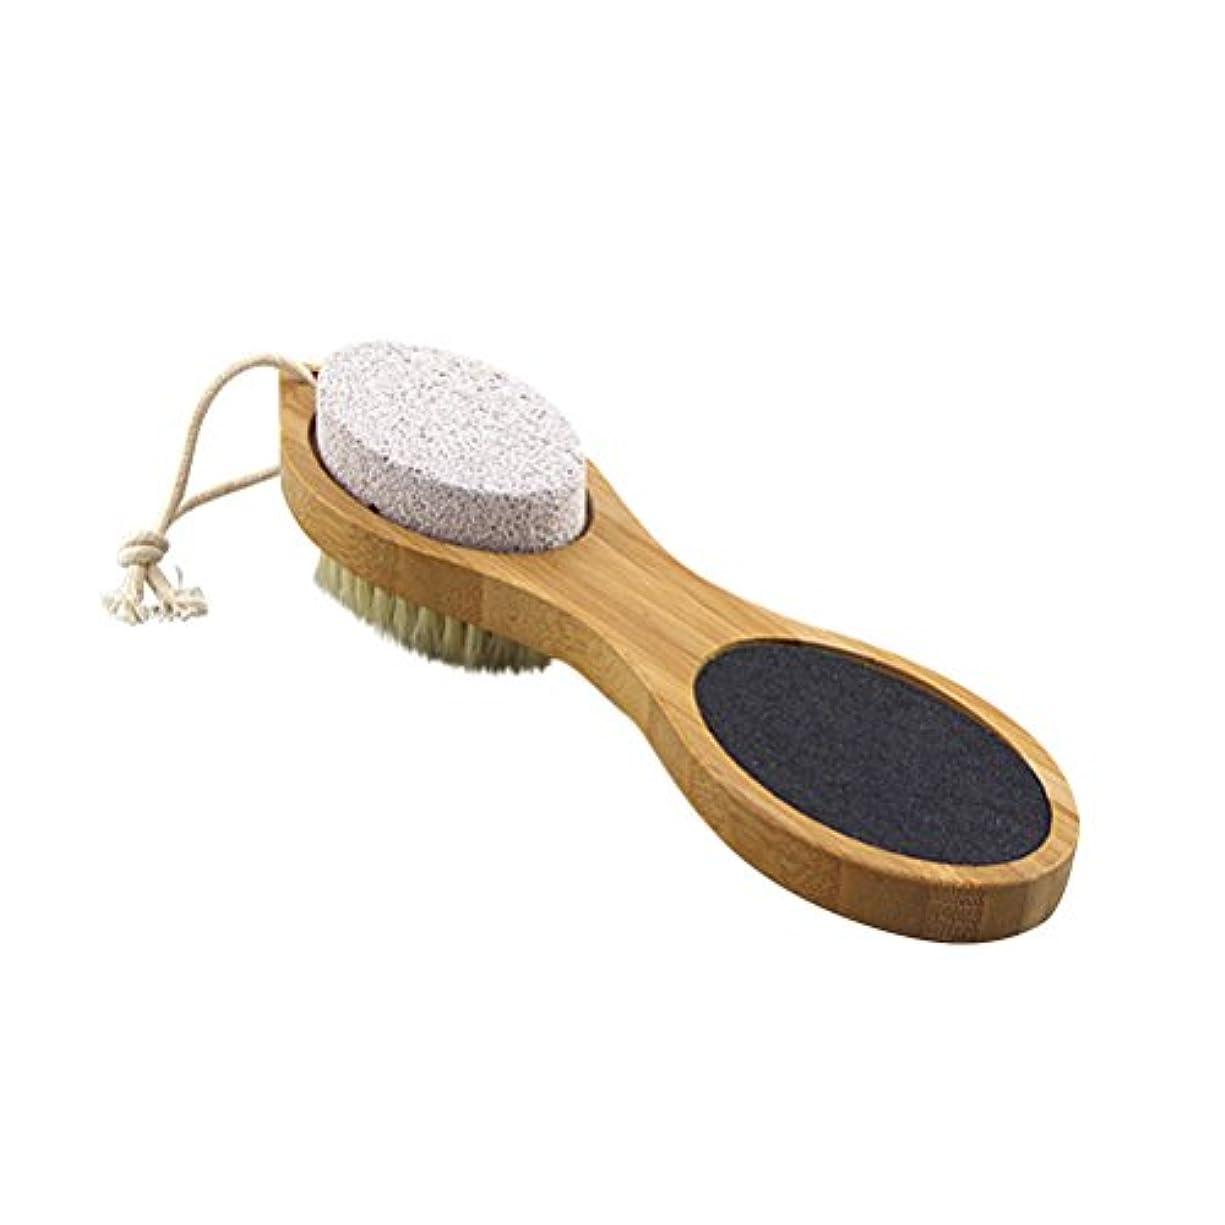 で立場名前でULTNICE 足ブラシ 角質除去 毛ブラシ?砂ブラシ?軽石ブラシ?鋼ブラシ ボディブラシ フットマッサージ